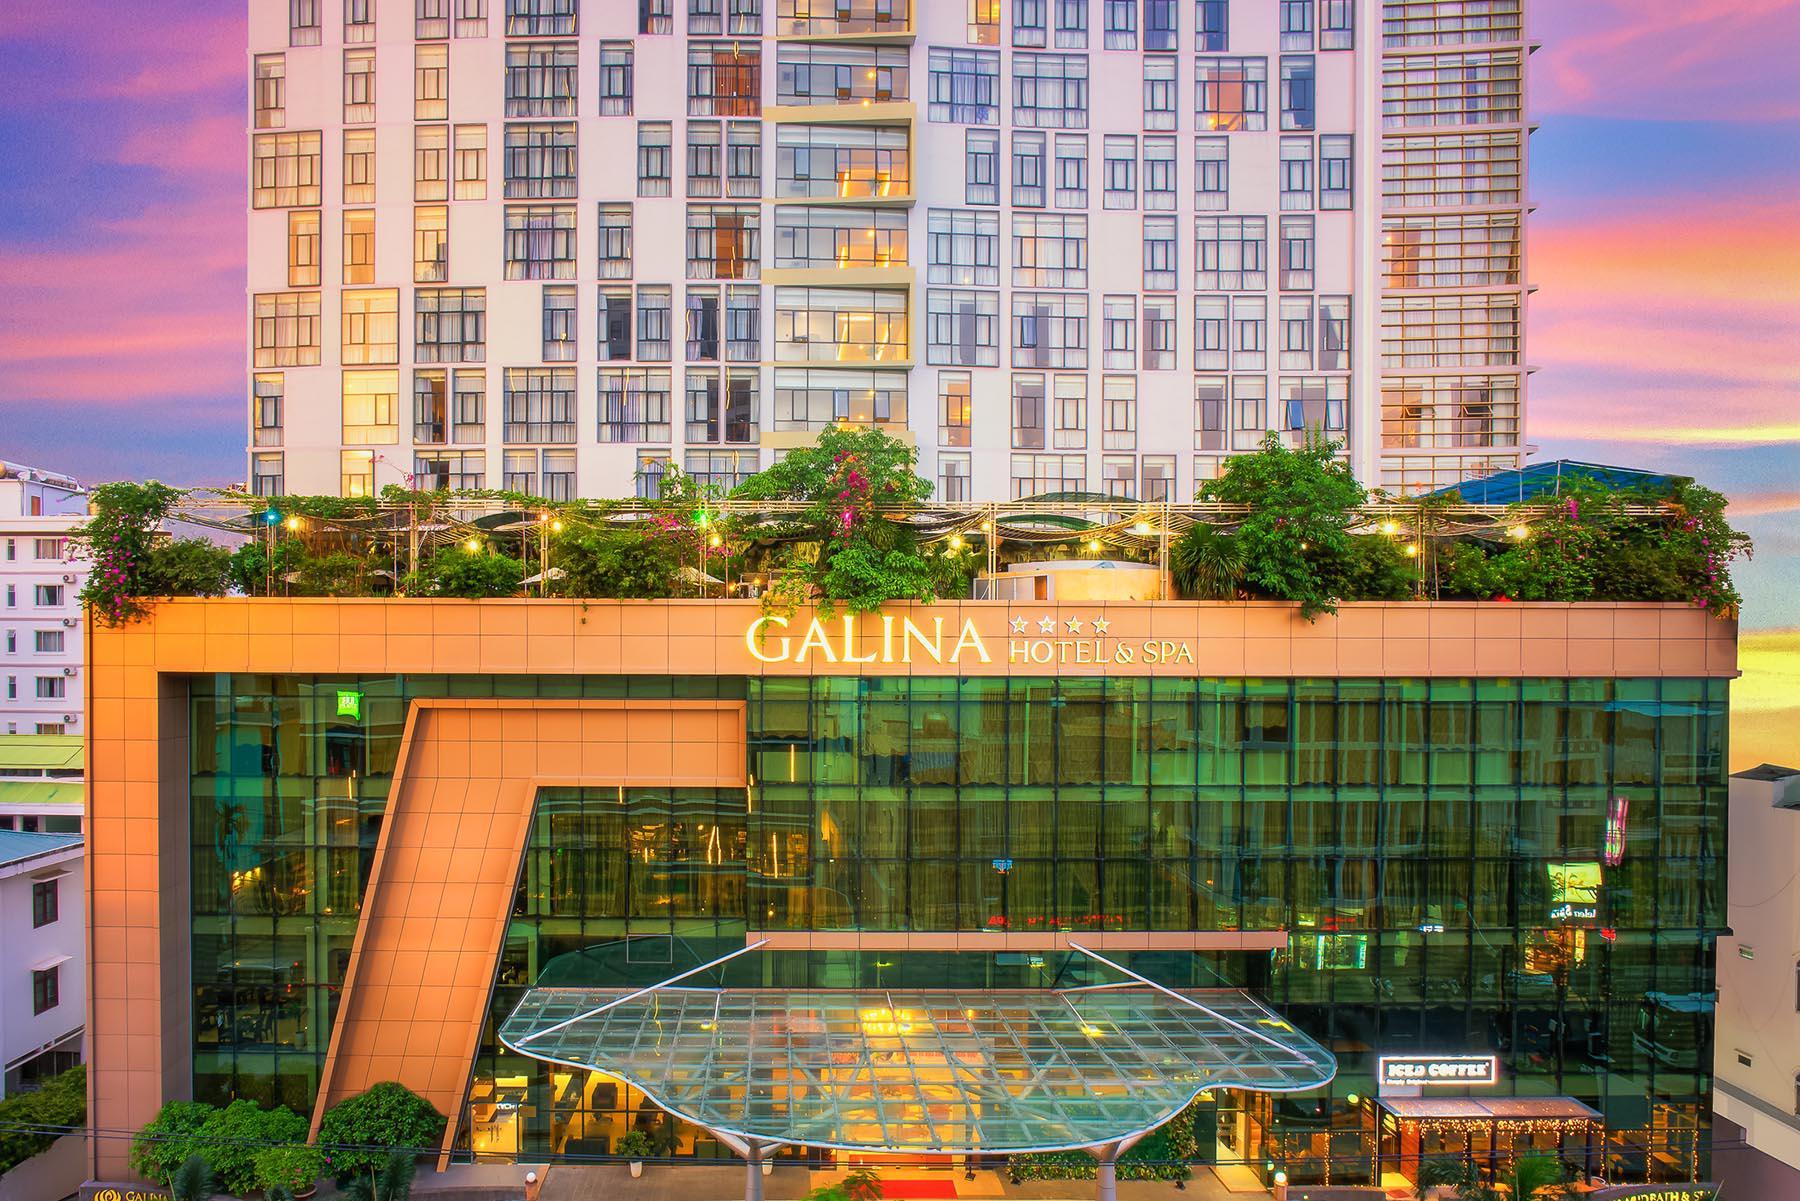 Khách Sạn Galina Hotel 4 sao cách ly COVID 19 tại Nha Trang